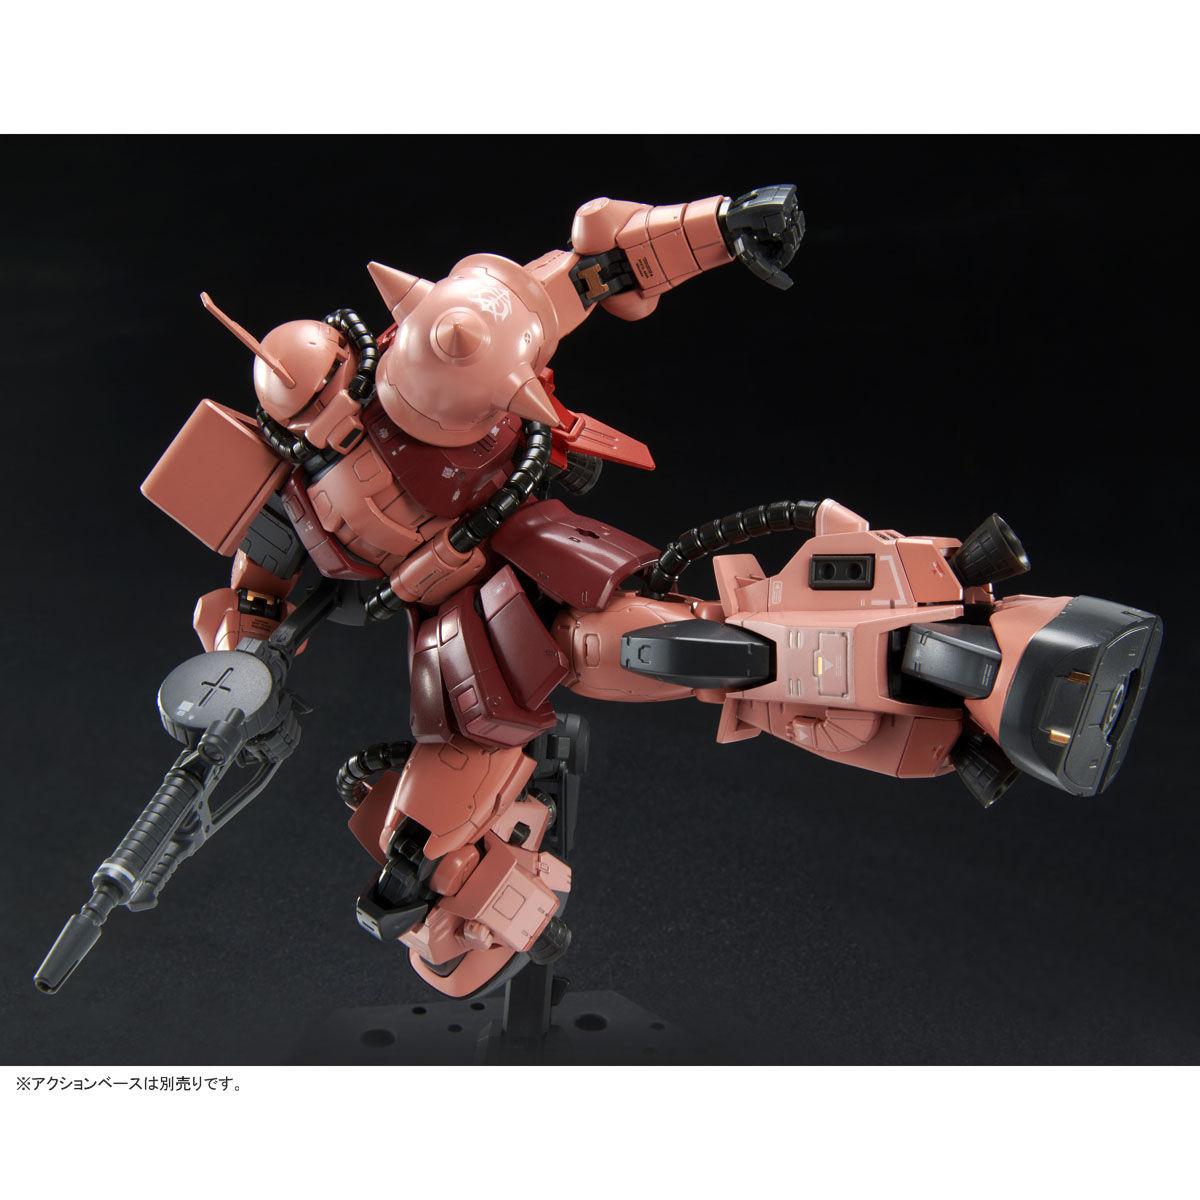 【限定販売】RG 1/144『RX-78-2 ガンダム(チームブライトカスタム)』ガンダムビルドリアル プラモデル-014